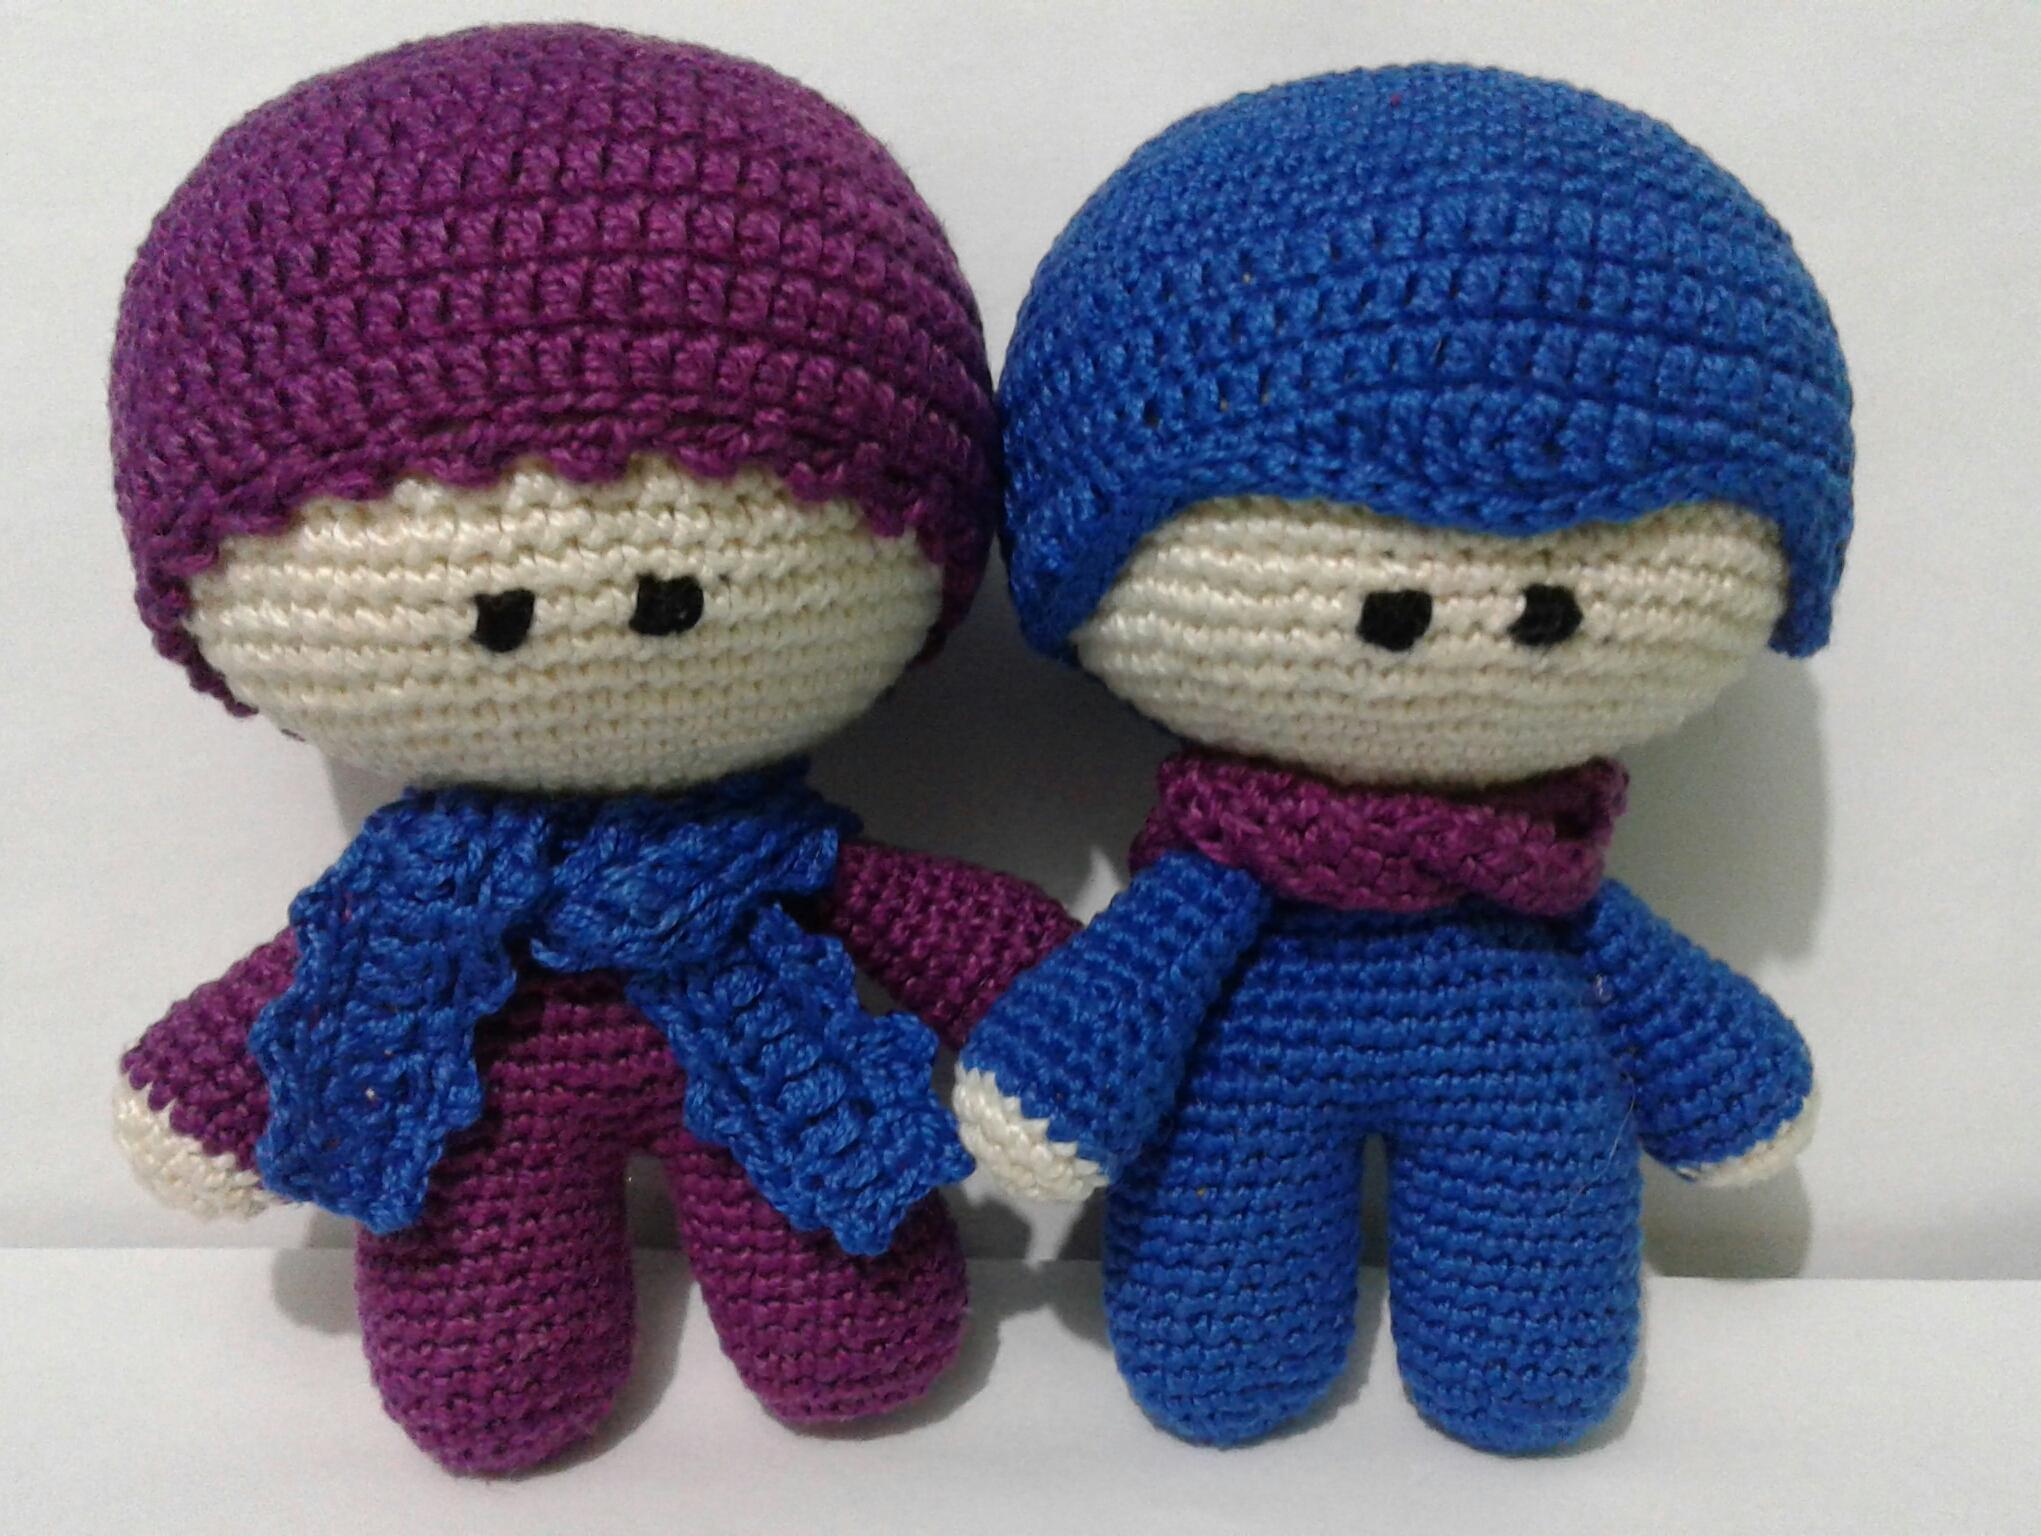 Receita Boneca Bebe Yoyo amigurumi | Crochet toys free, Crochet ... | 1536x2041